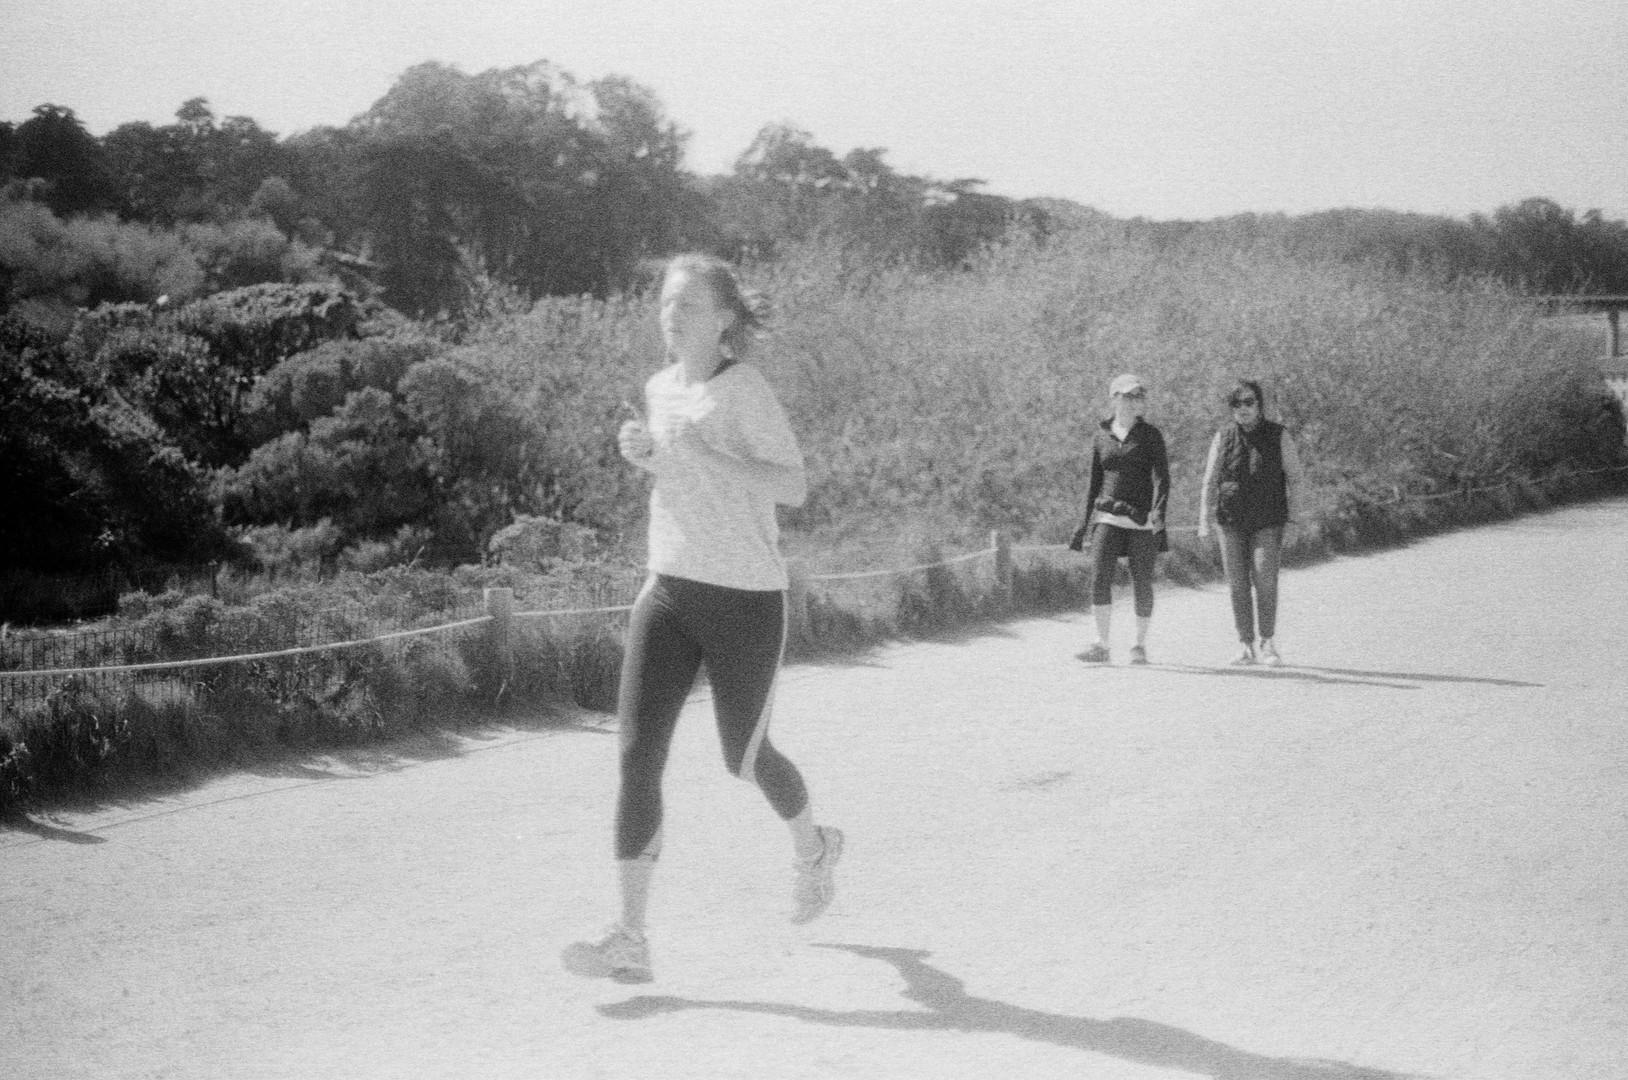 Runners_In_San_Francisco-12.jpg